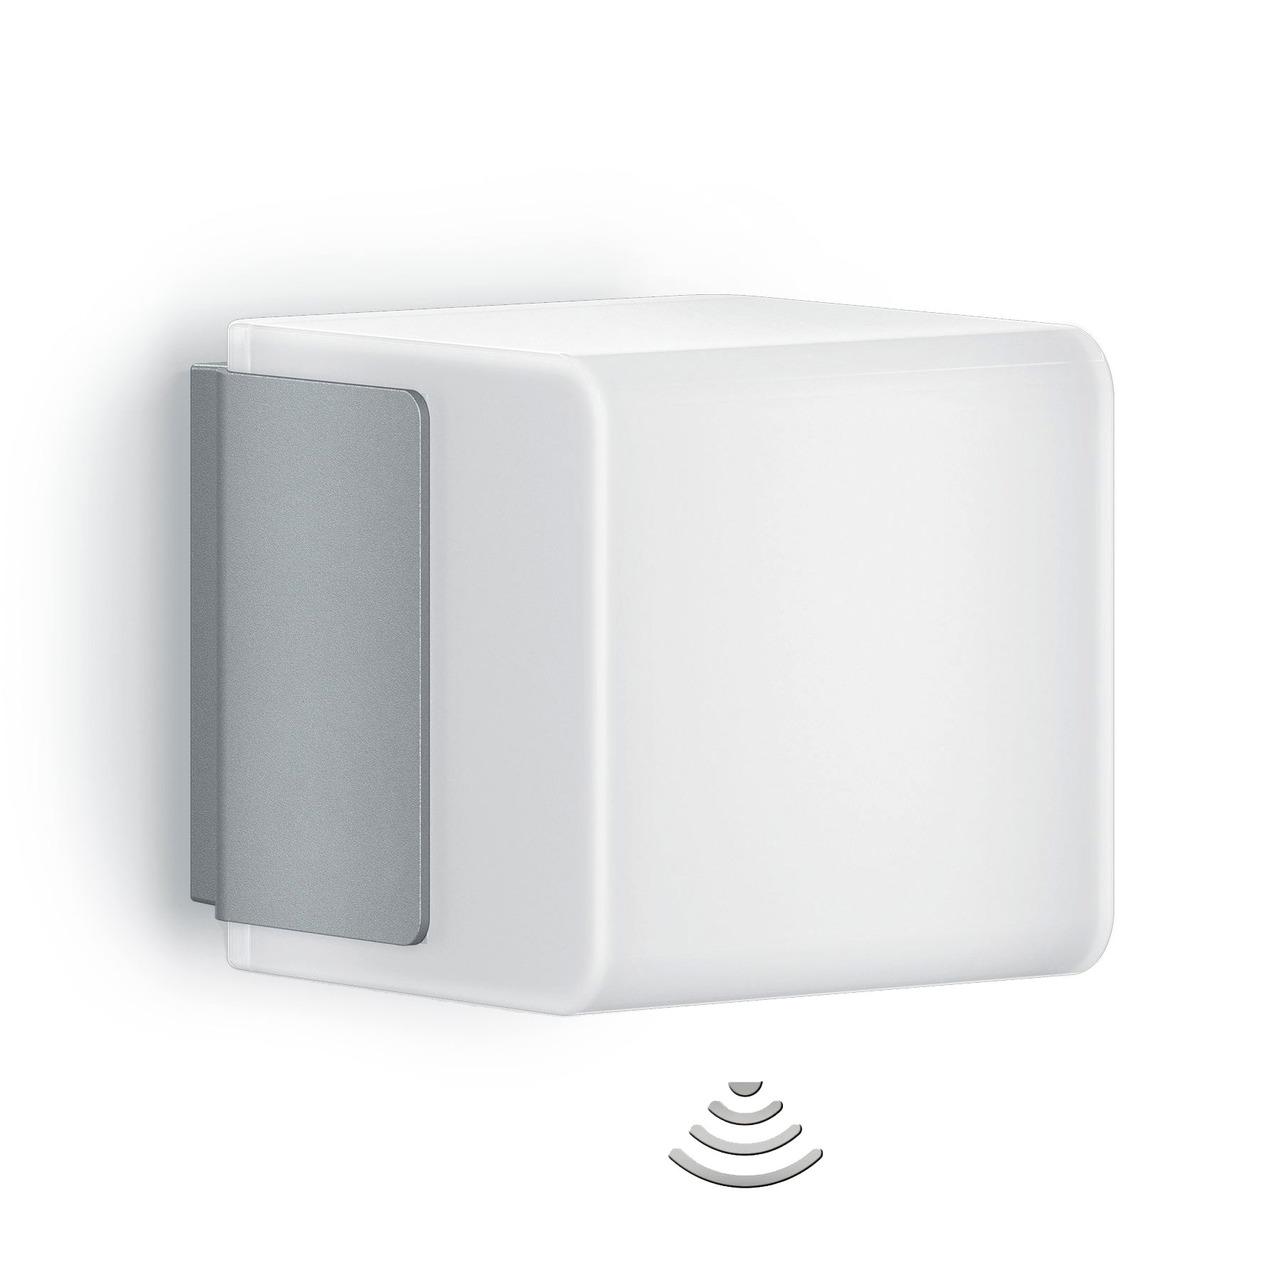 Steinel L 835 LED iHF Sensor-LED-Wandleuchte mit HF-Bewegungsmelder- per App einstellbar- silber